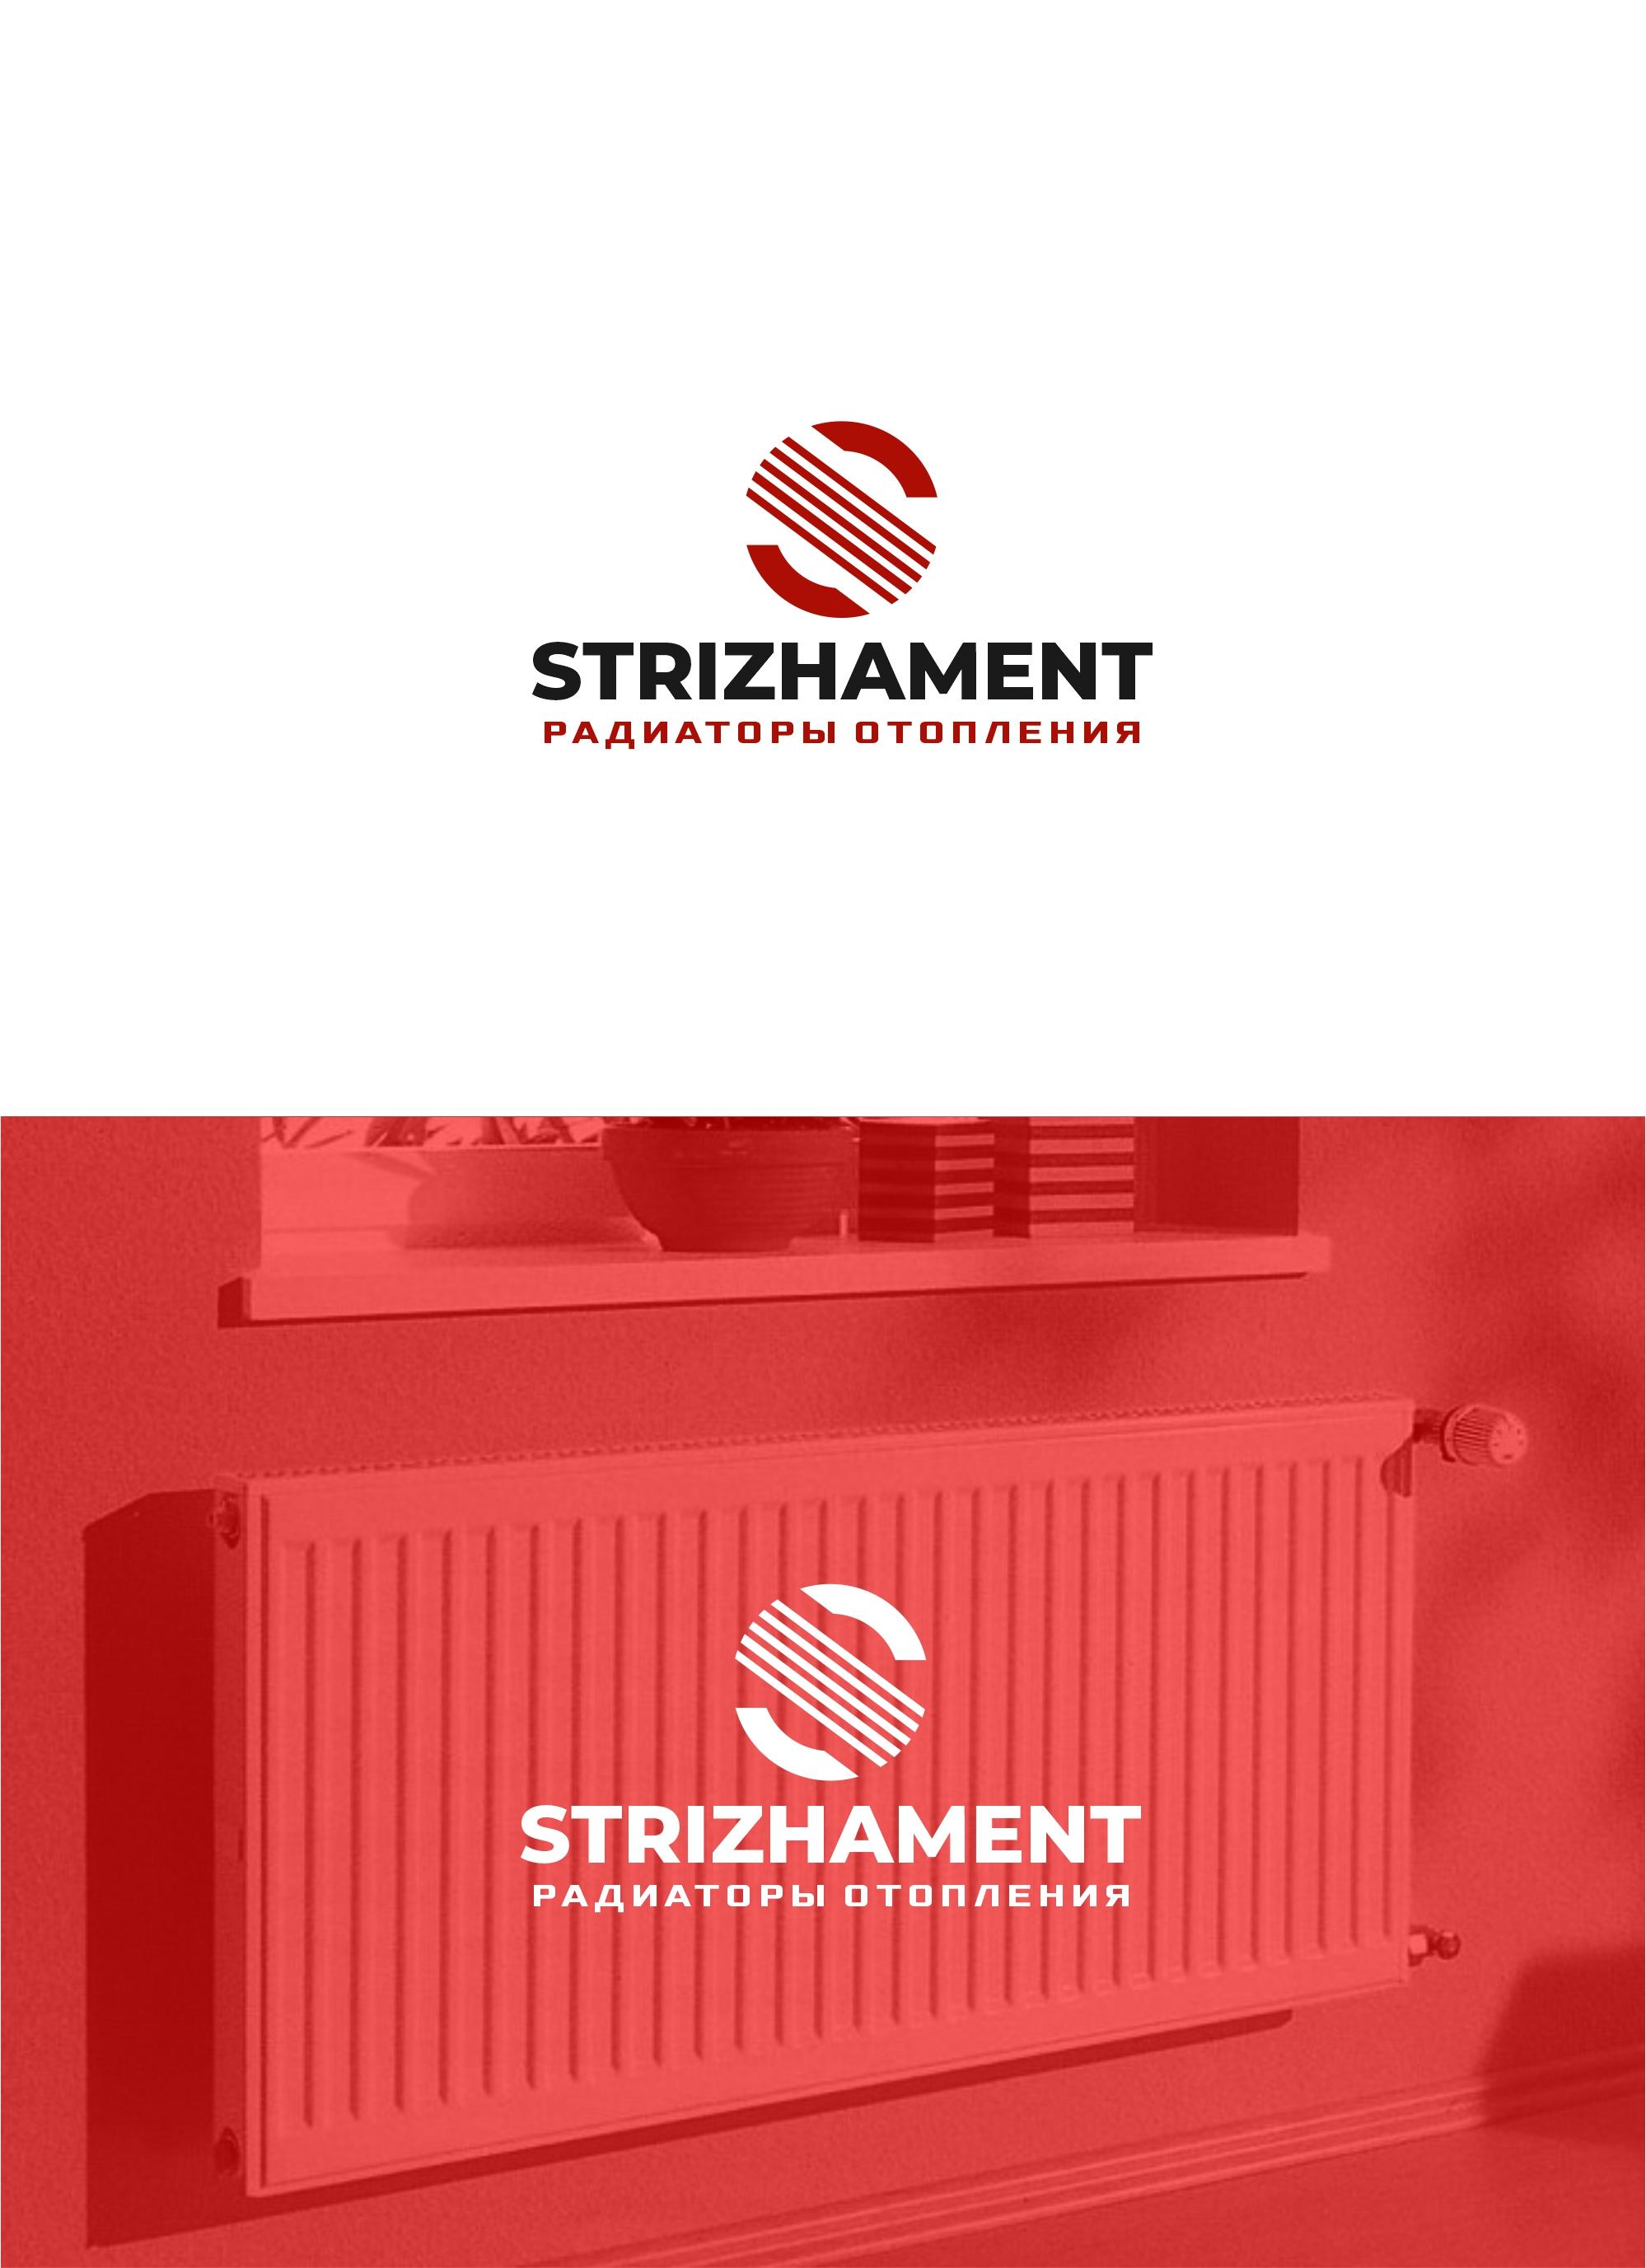 Дизайн лого бренда фото f_0455d541f3e6d8a6.jpg